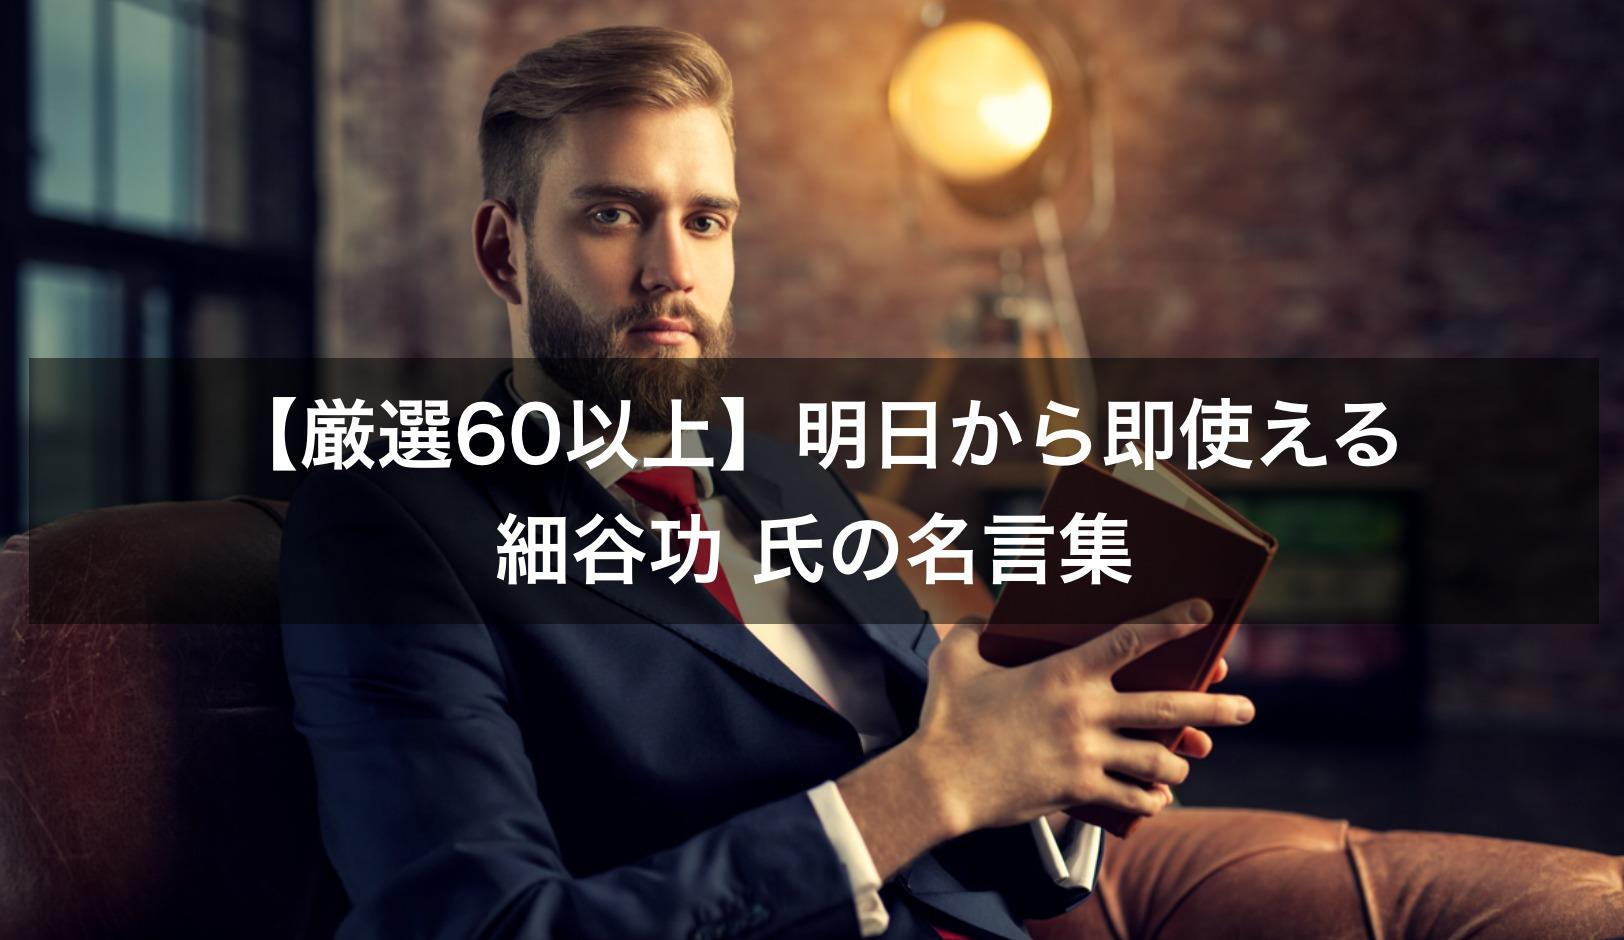 細谷功 氏の名言集